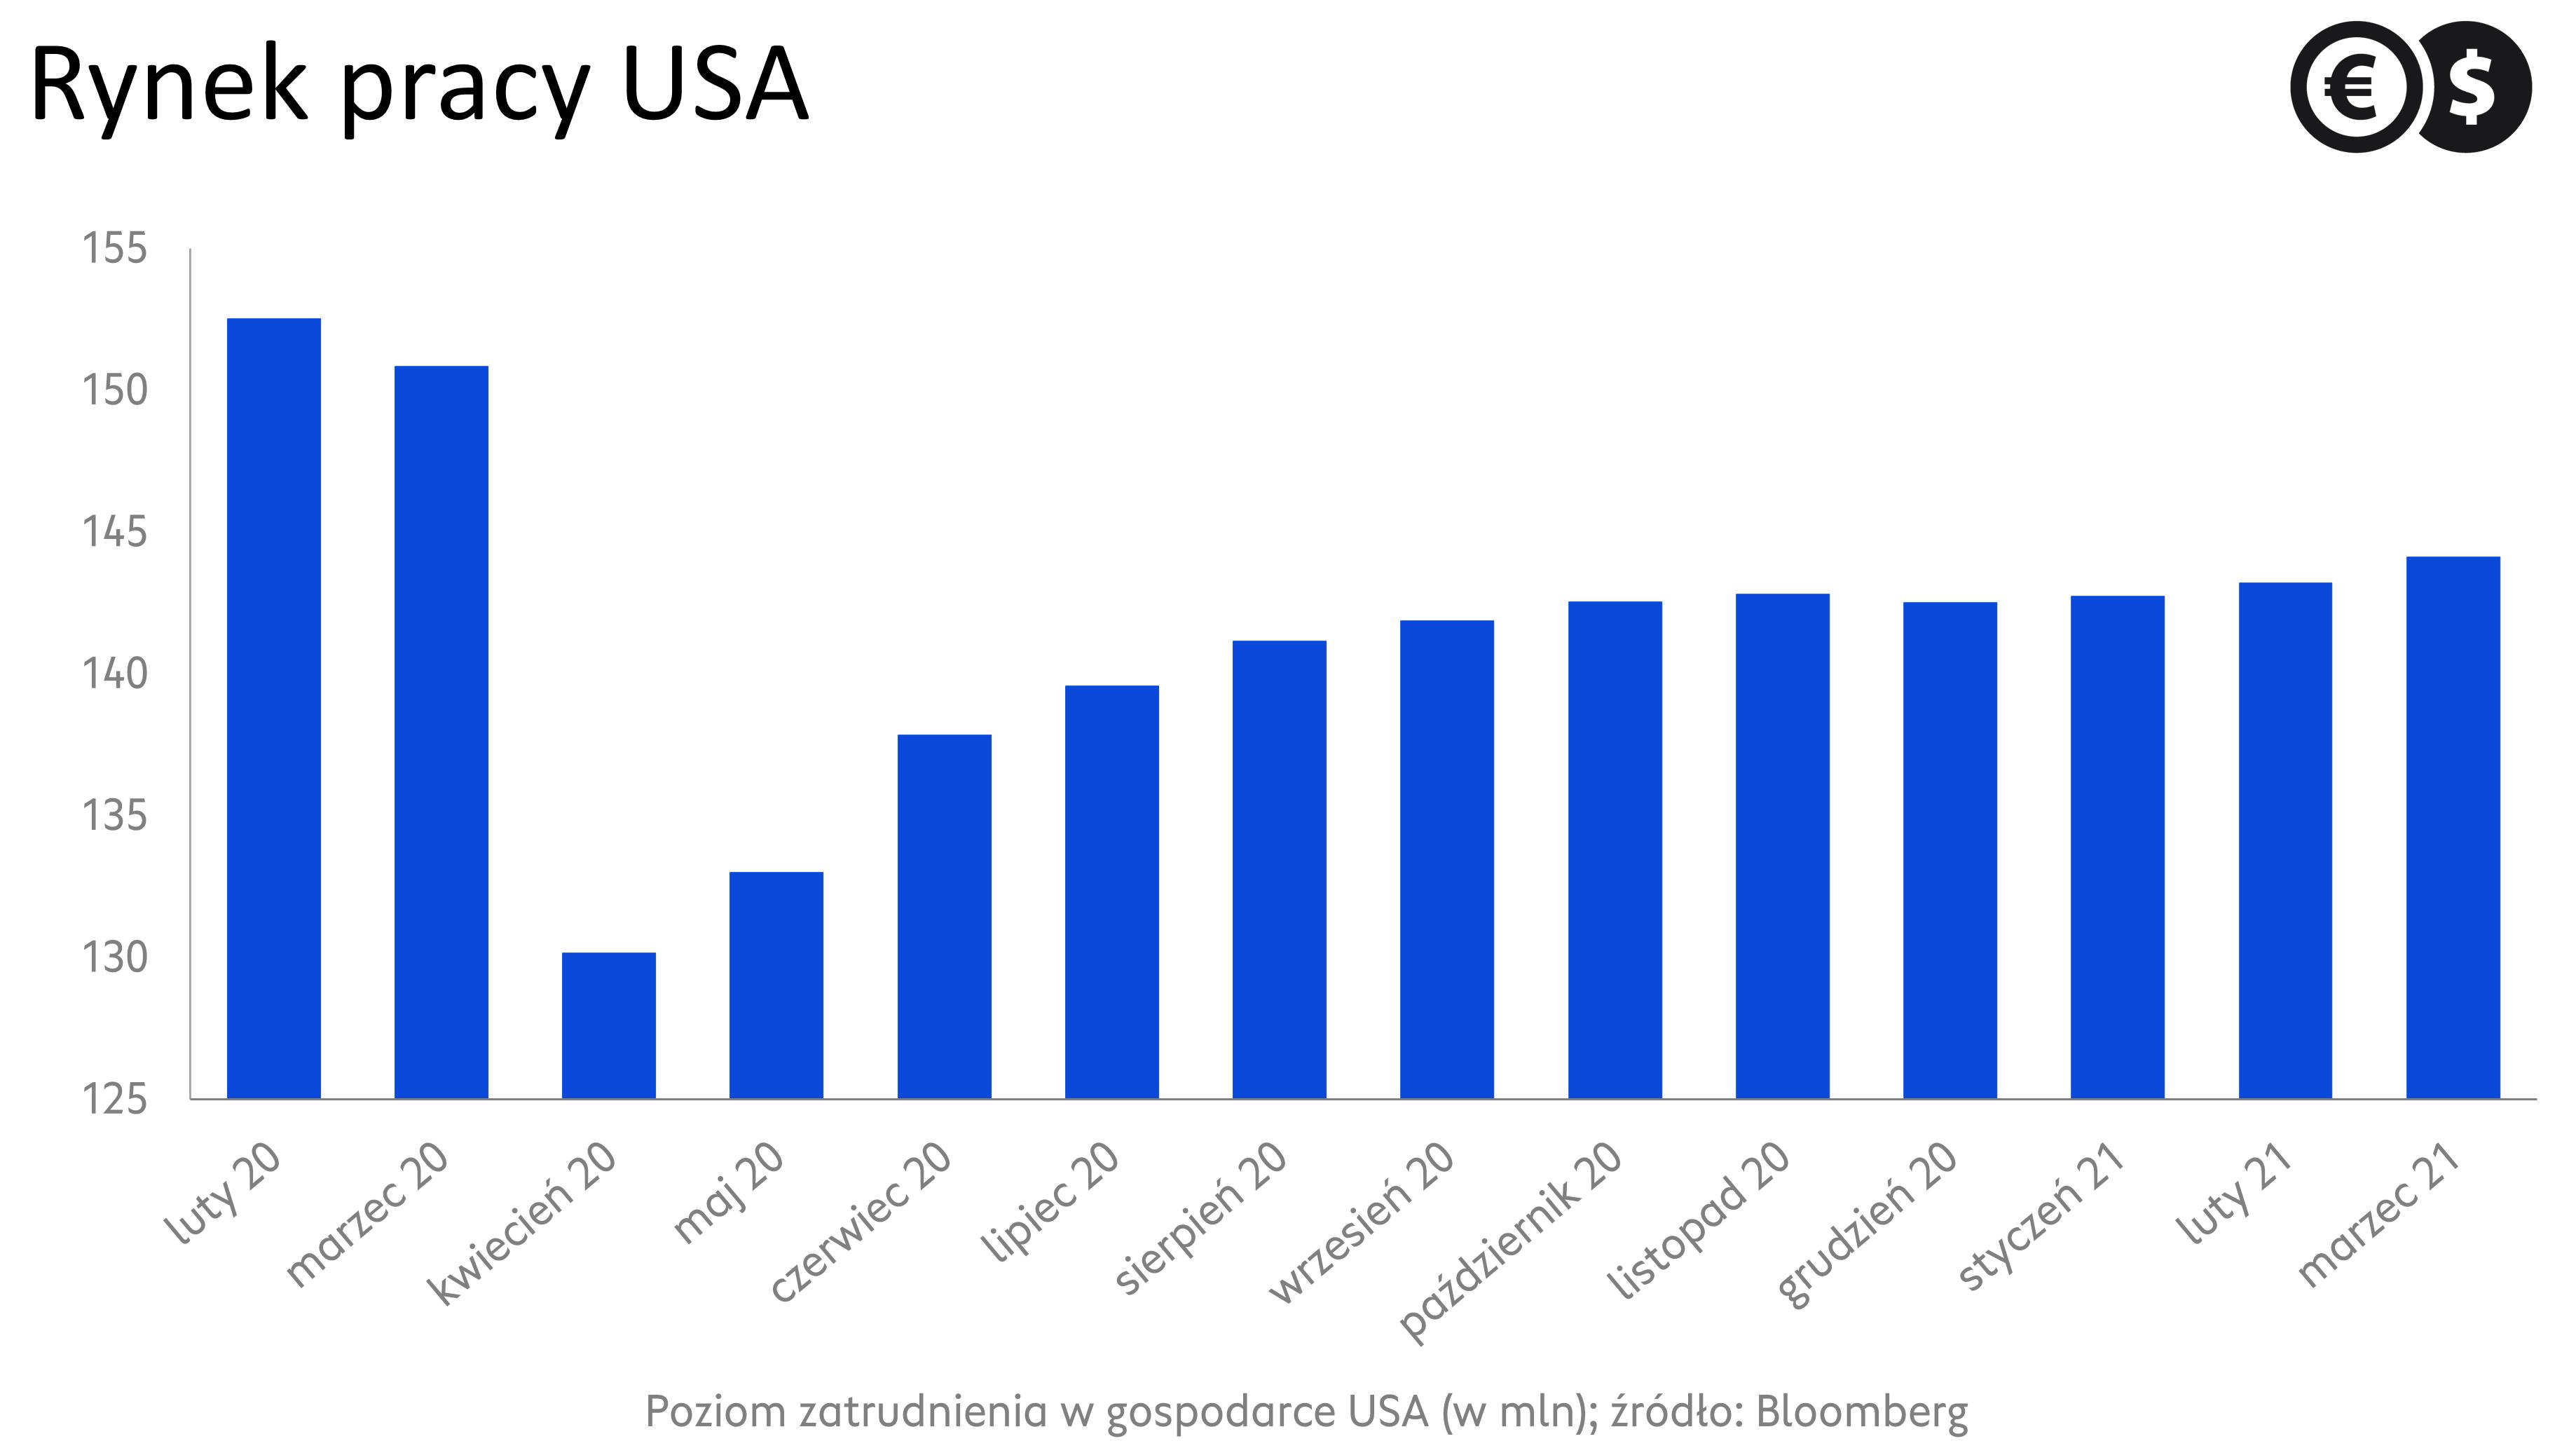 Rynek pracy USA. Zatrudnienie w sektorze pozarolniczym